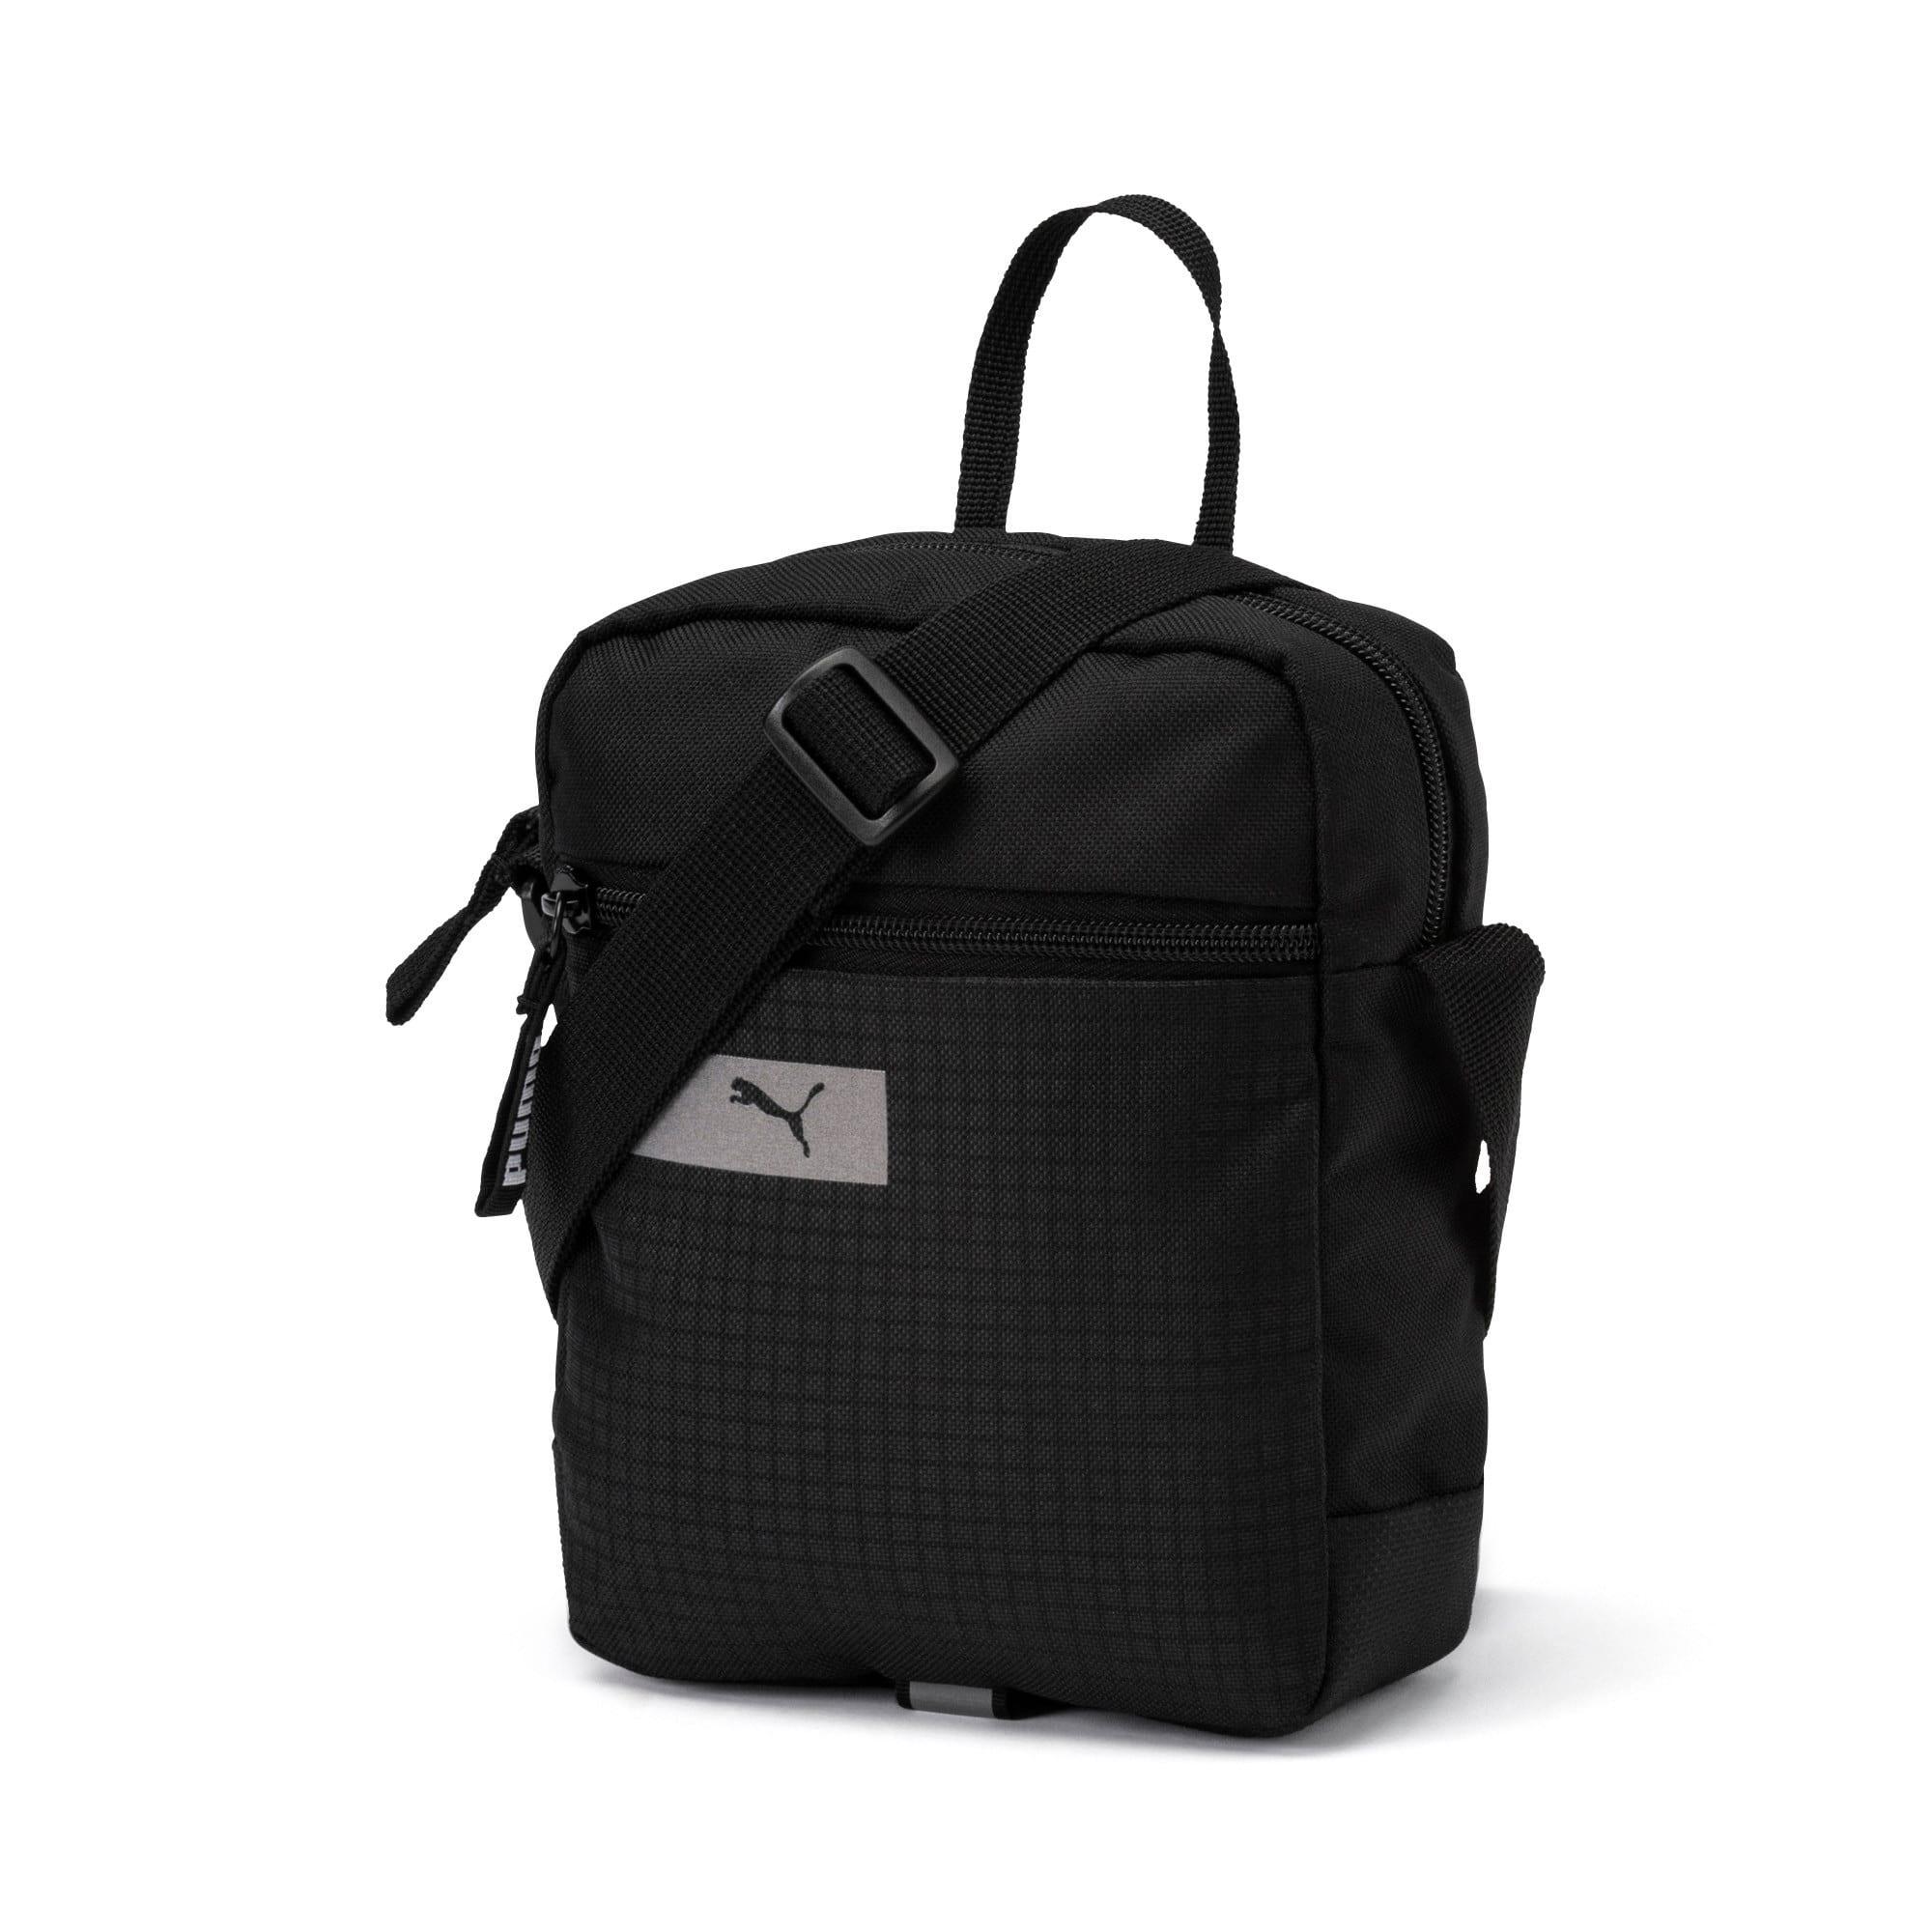 Thumbnail 1 of PUMA Vibe Portable Shoulder Bag, Puma Black, medium-IND